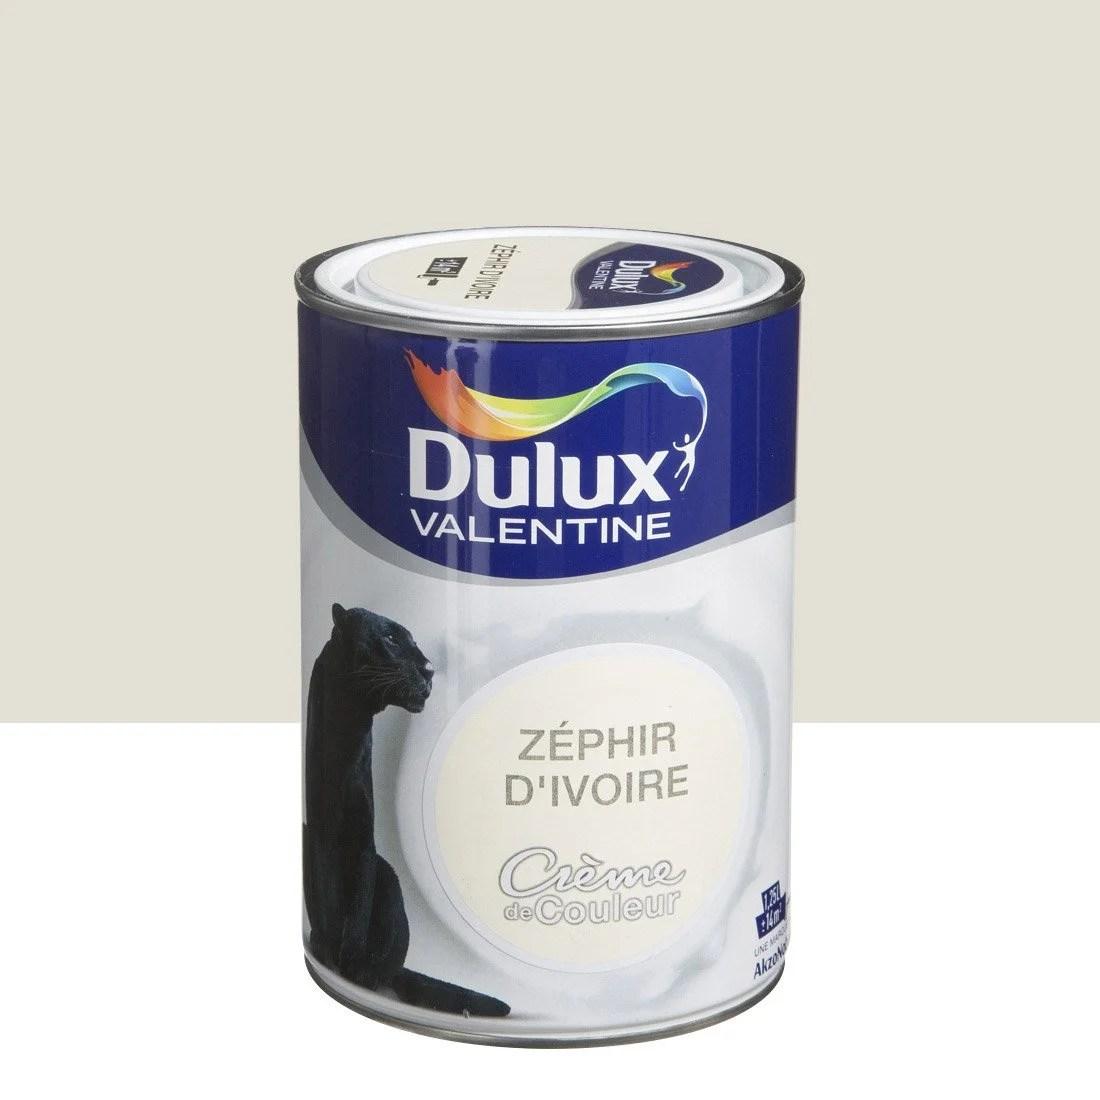 Peinture Zphir Divoire DULUX VALENTINE Crme De Couleur